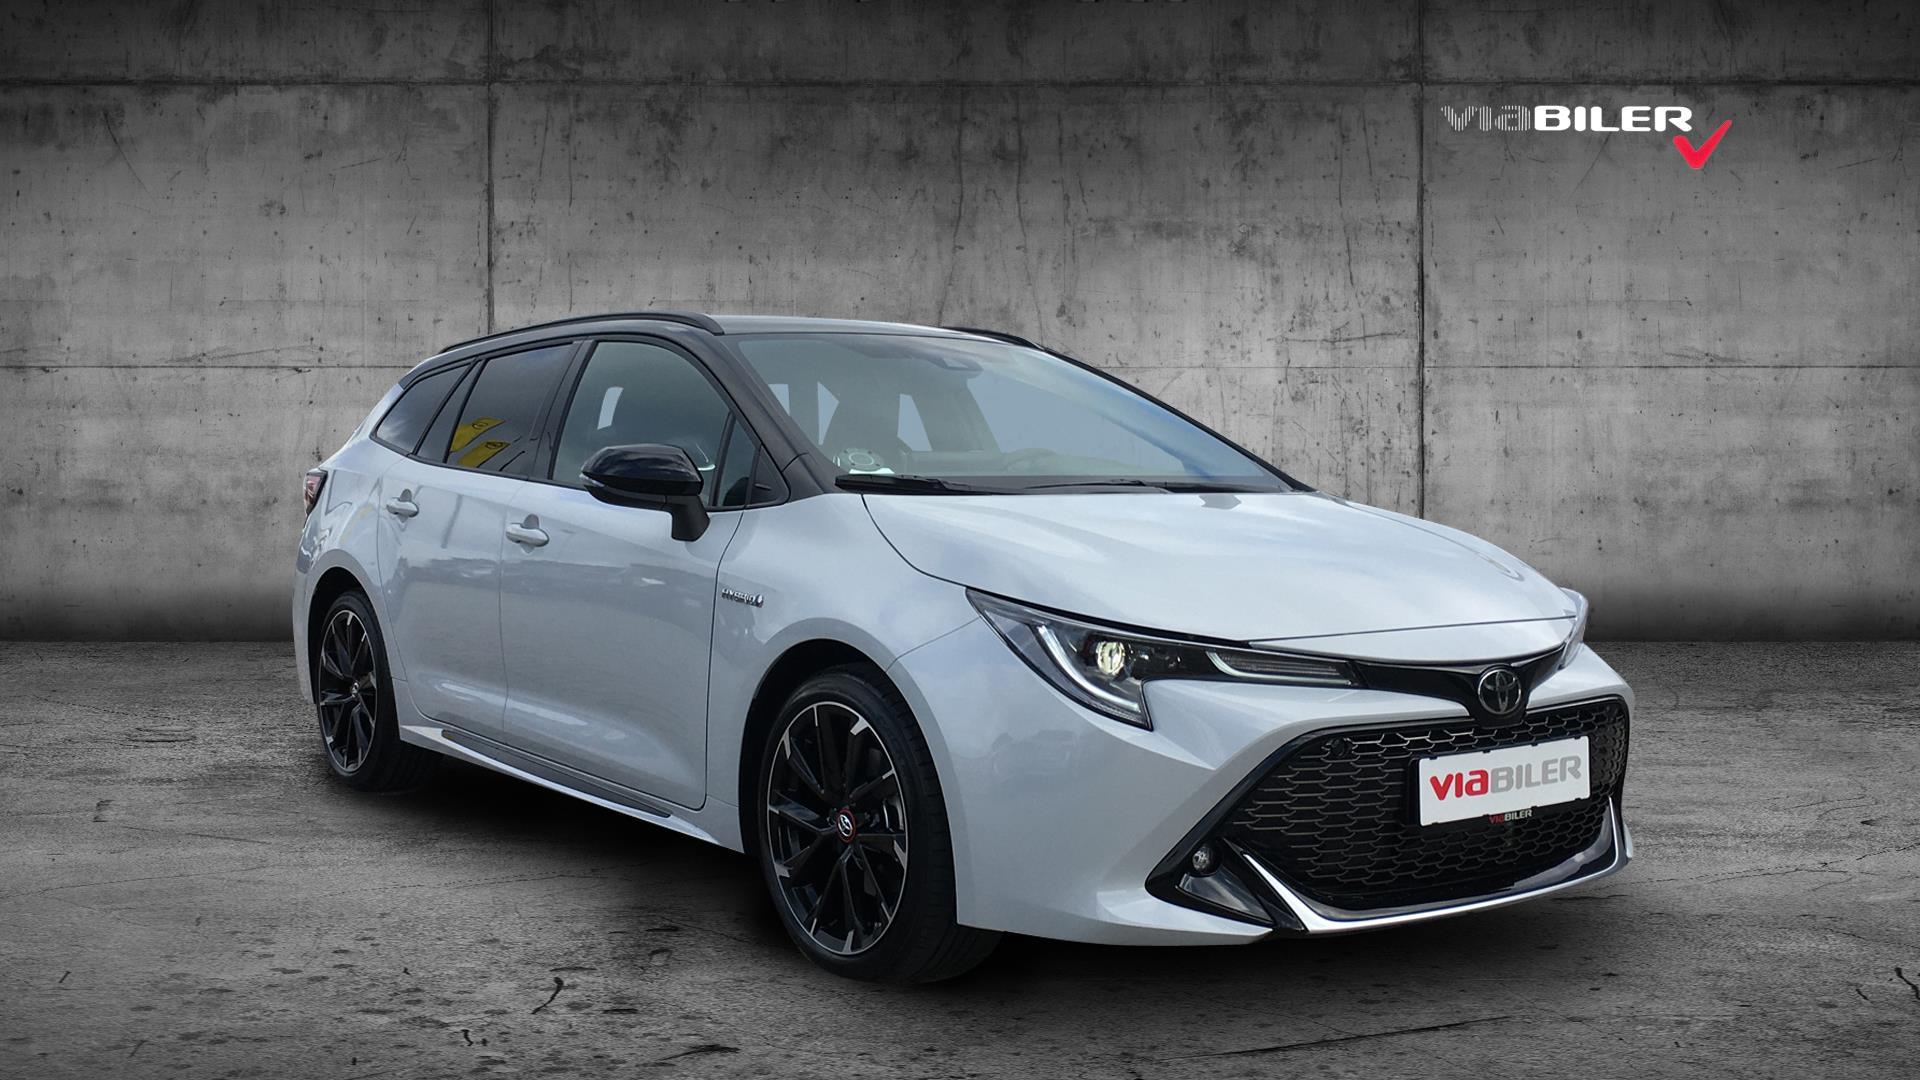 Billede af Toyota Corolla Touring Sports 2,0 B/EL H3 GR Sport E-CVT 180HK Stc 6g Aut.